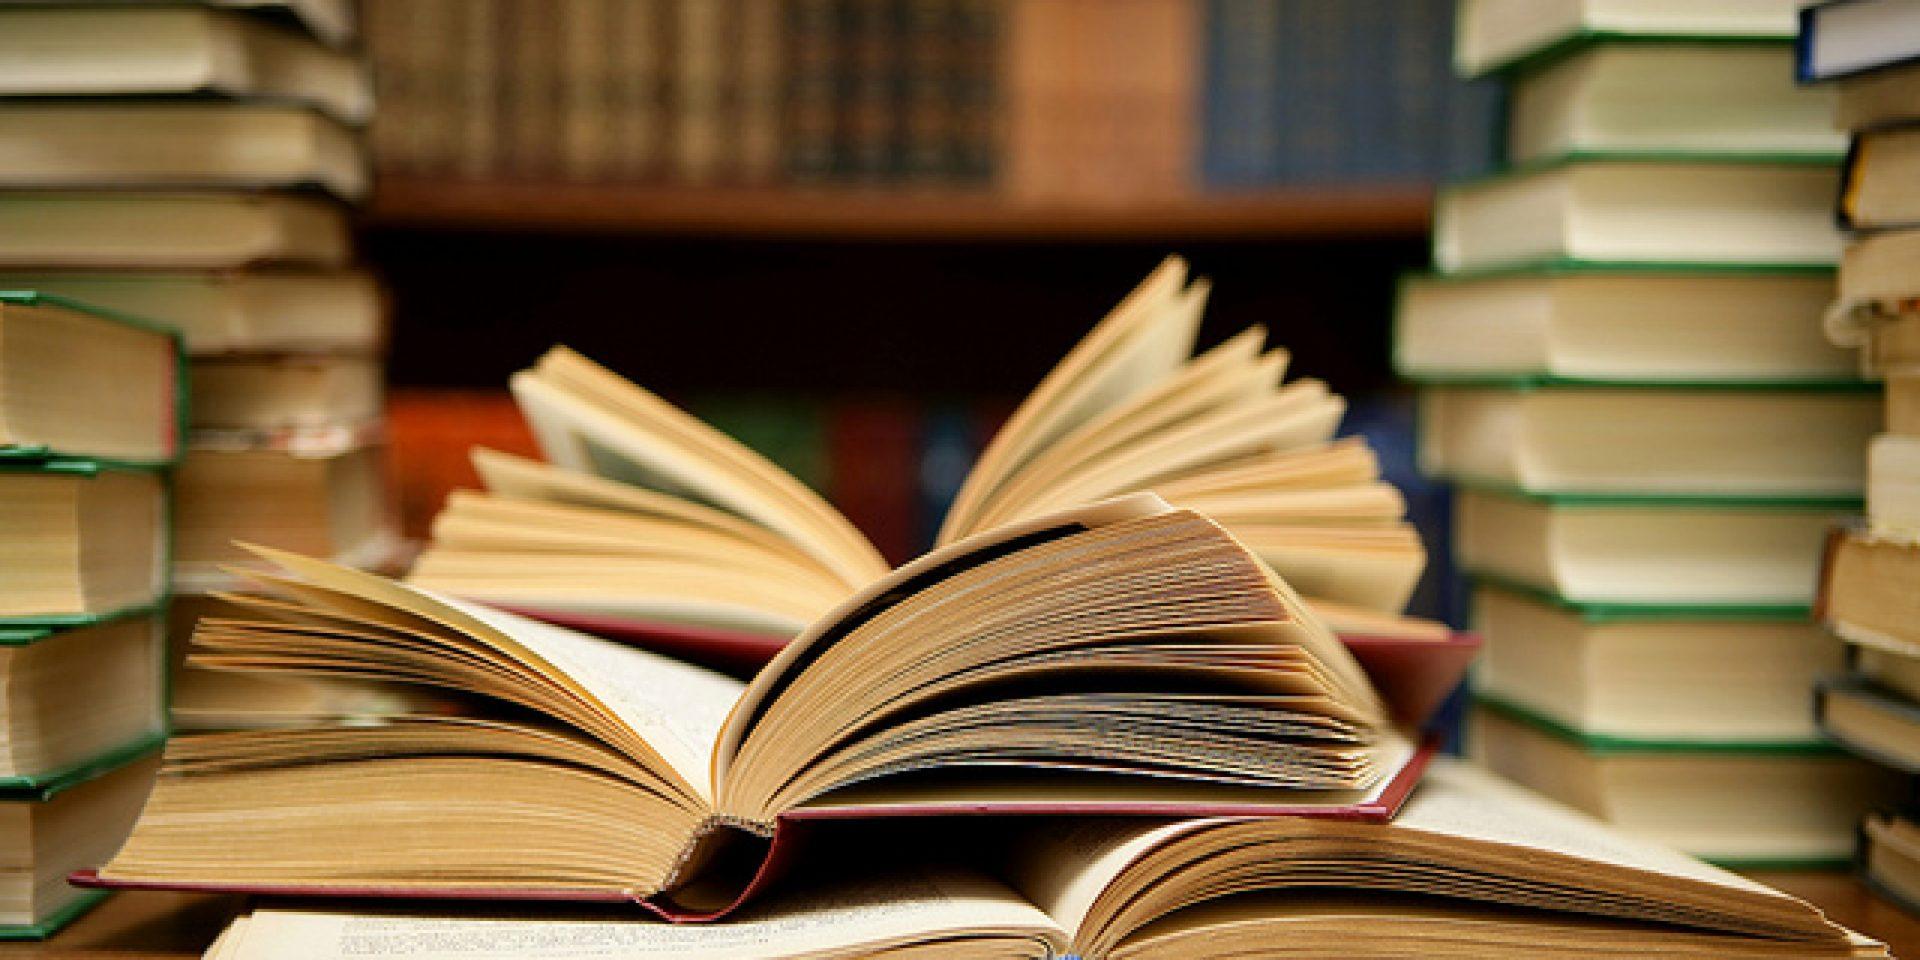 Репрезентація літературної критики у мультикультурному полі і важливість розуміння культурних процесів взагалі